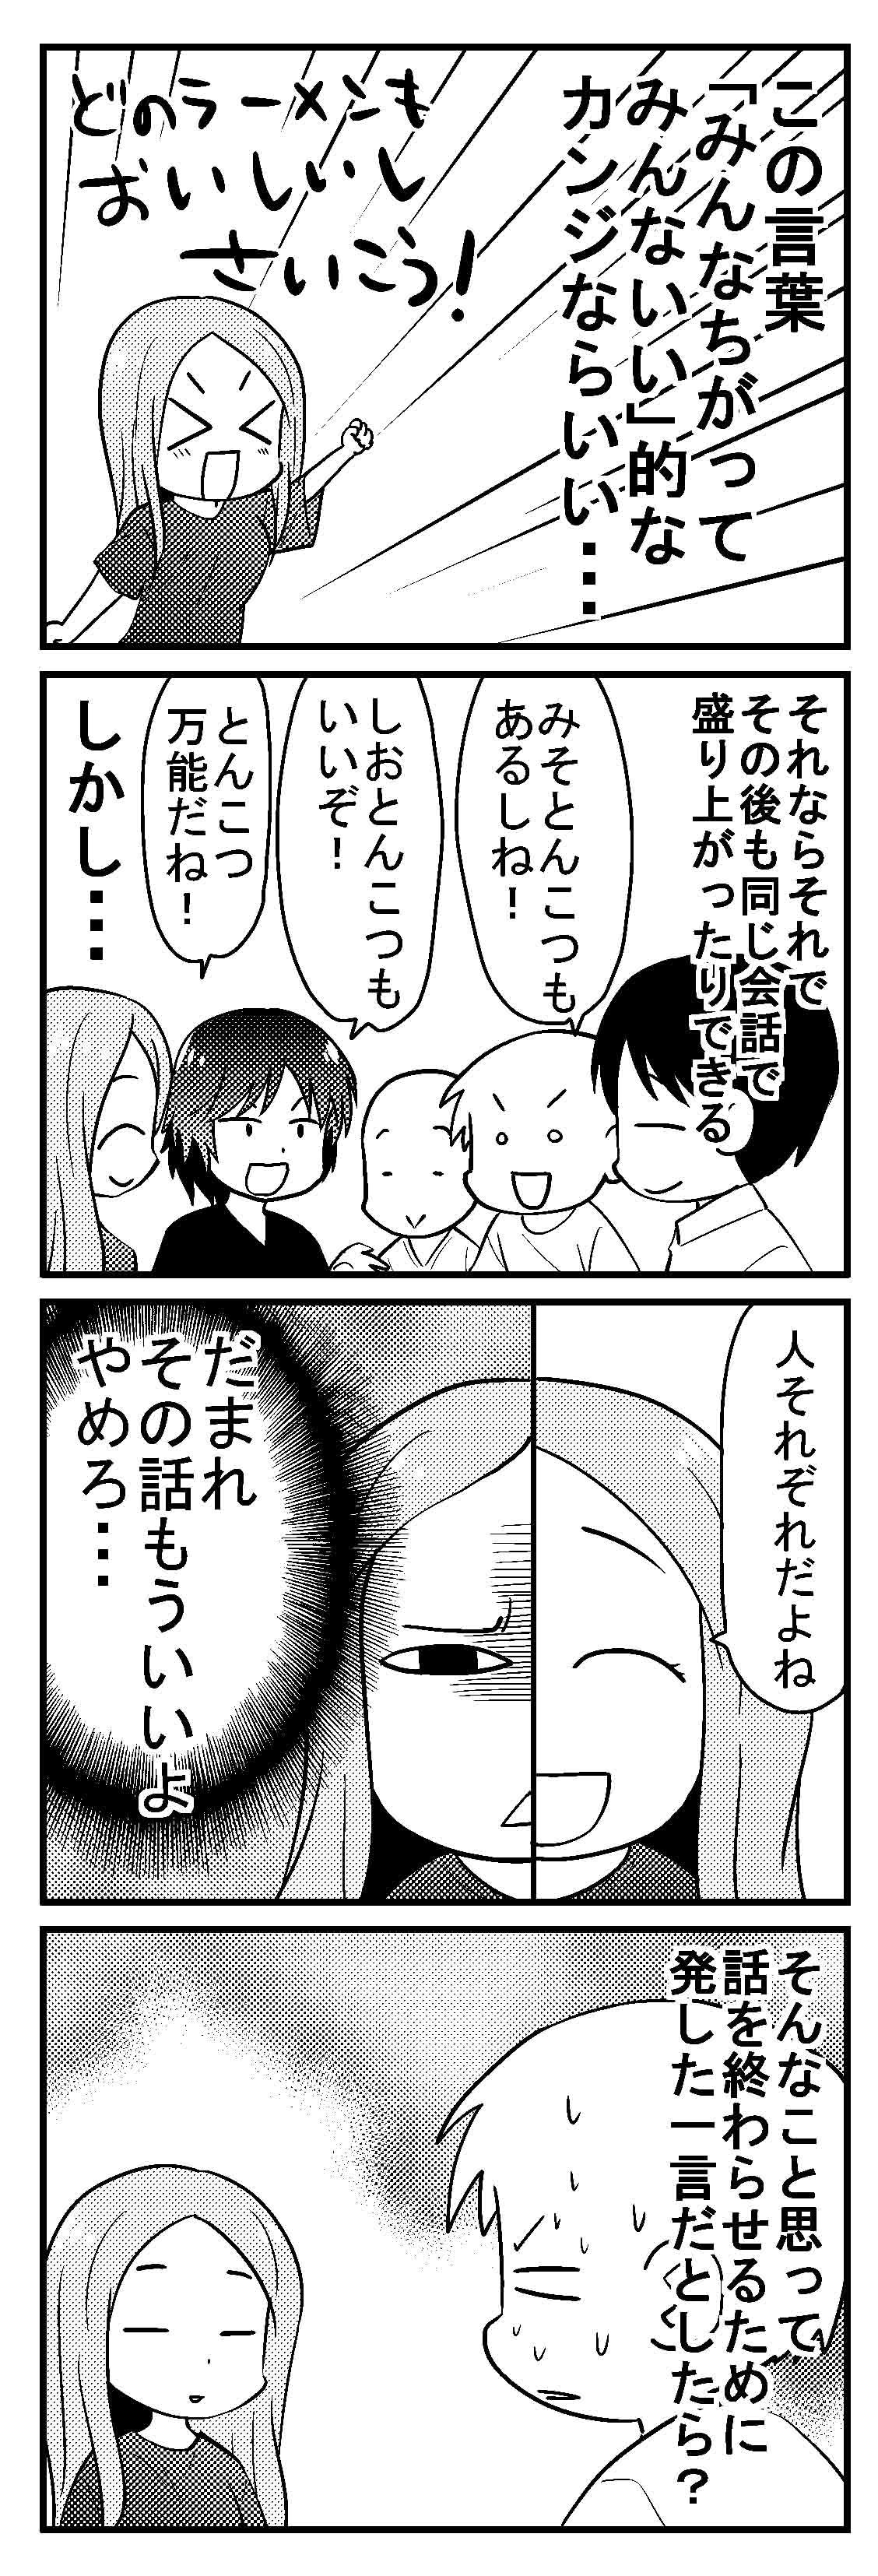 深読みくん25 2